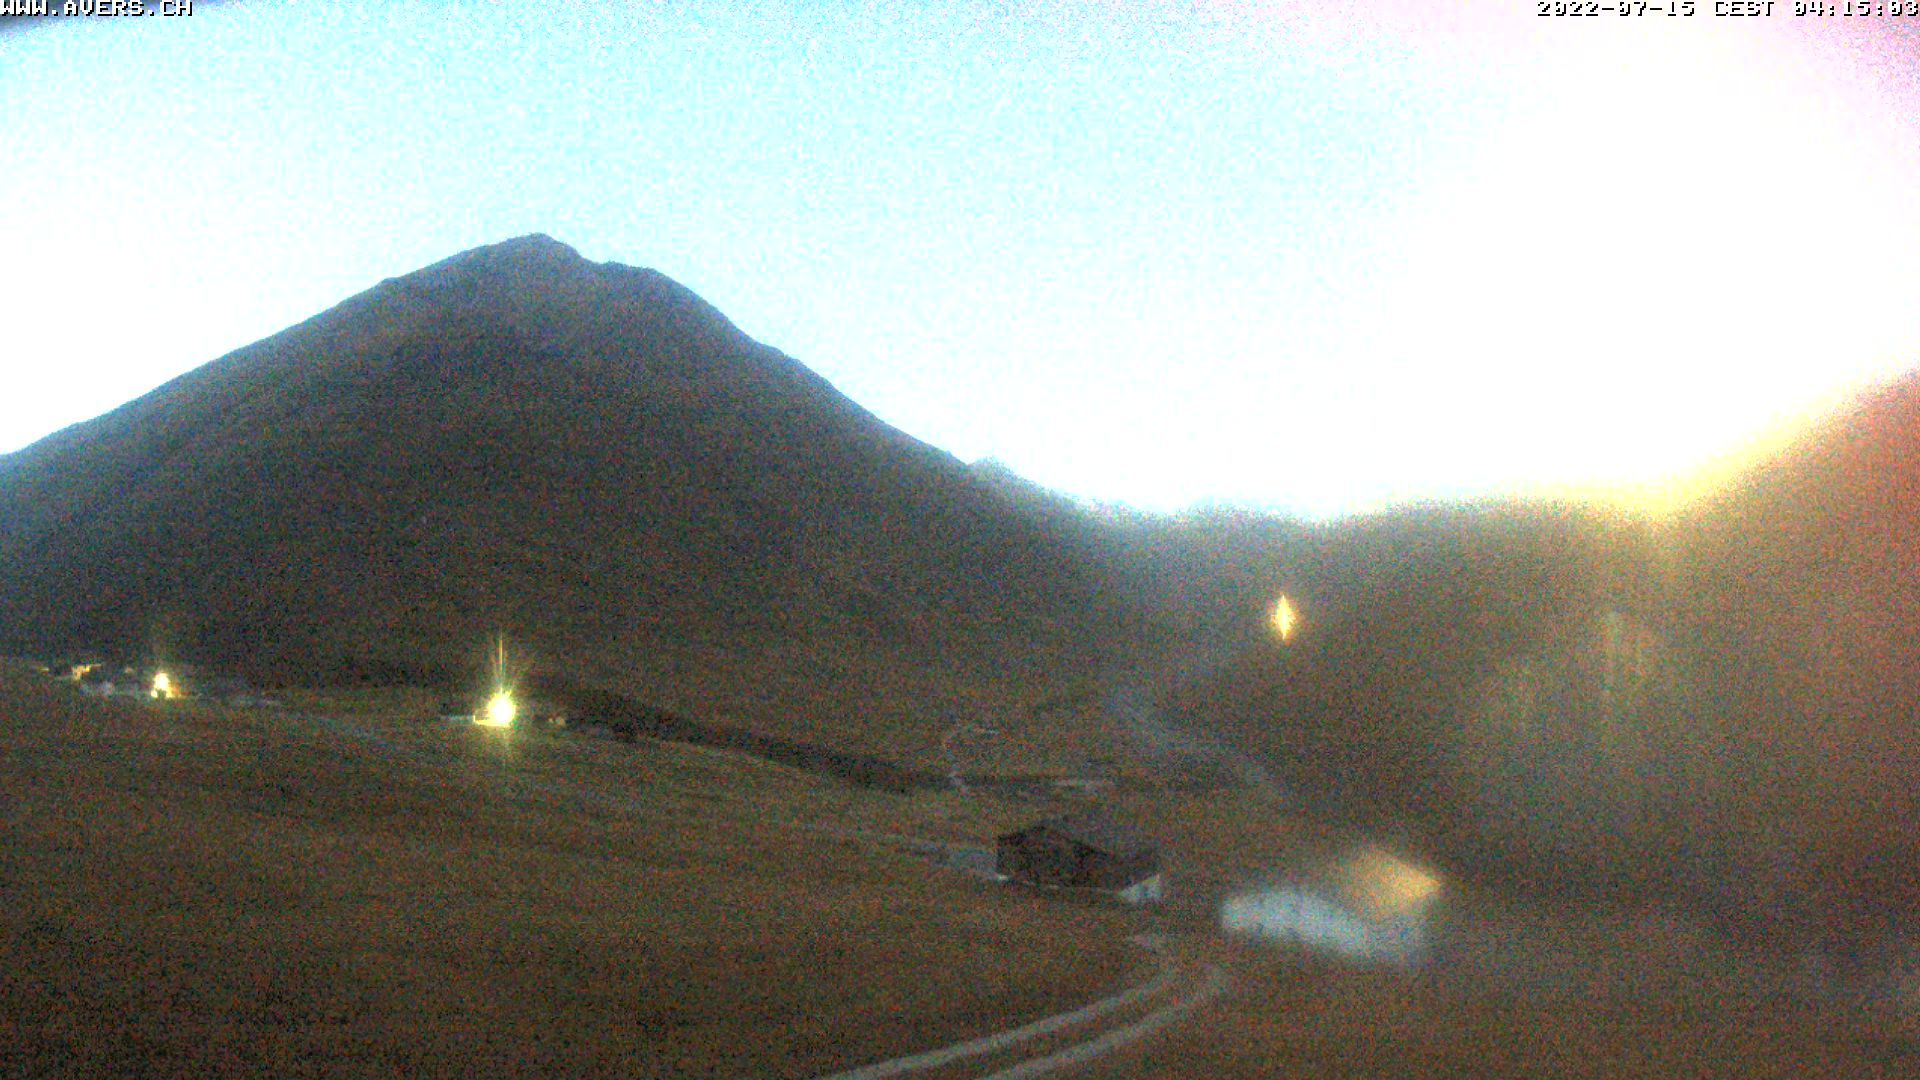 Aktuelle Wetterverhältnisse in Avers Cavetta, Sicht auf Bergalga